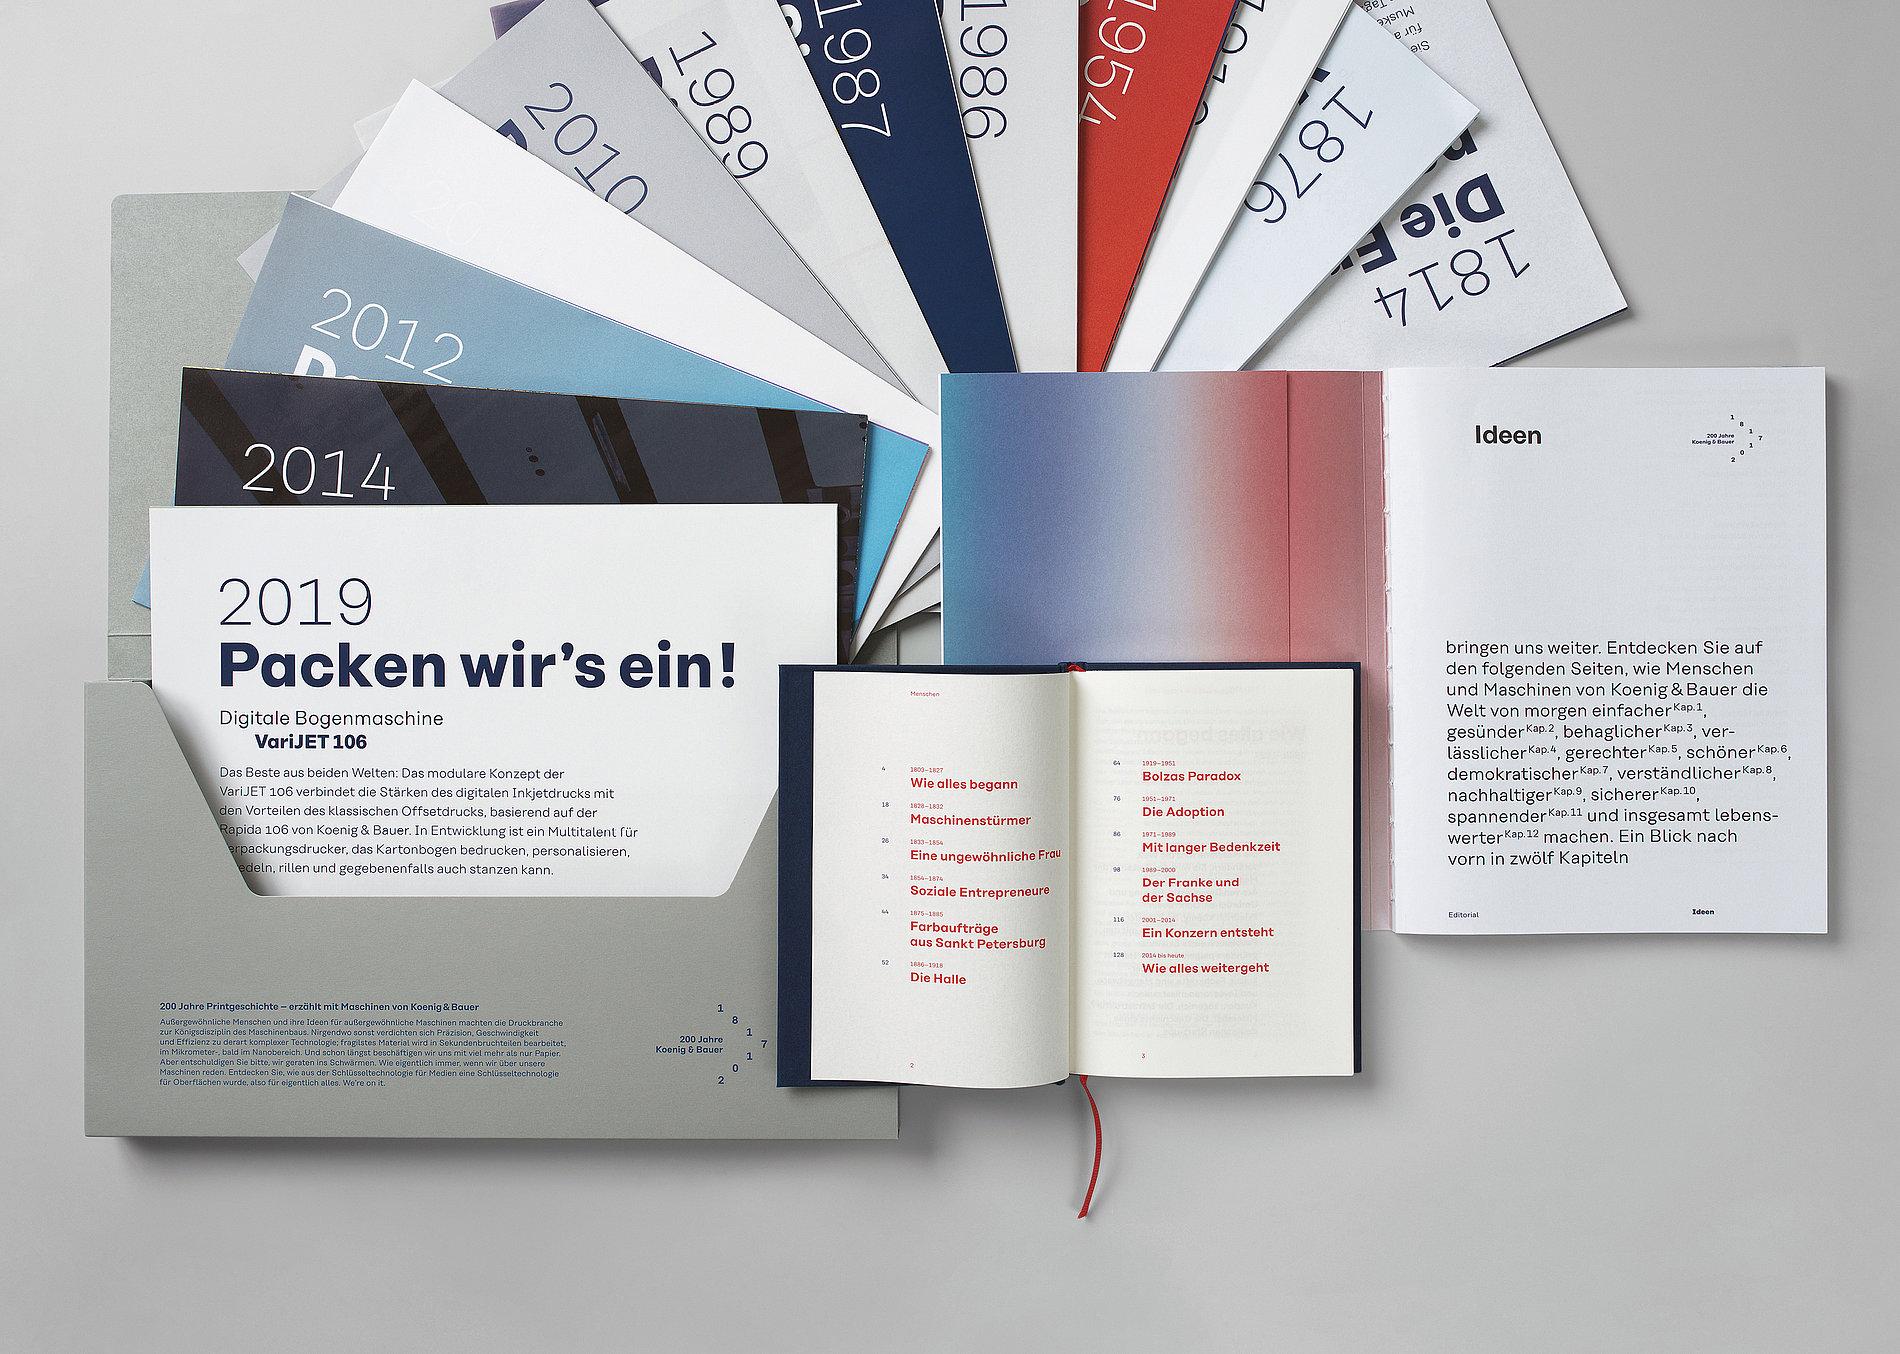 Koenig & Bauer – Menschen, Maschinen, Ideen | Red Dot Design Award